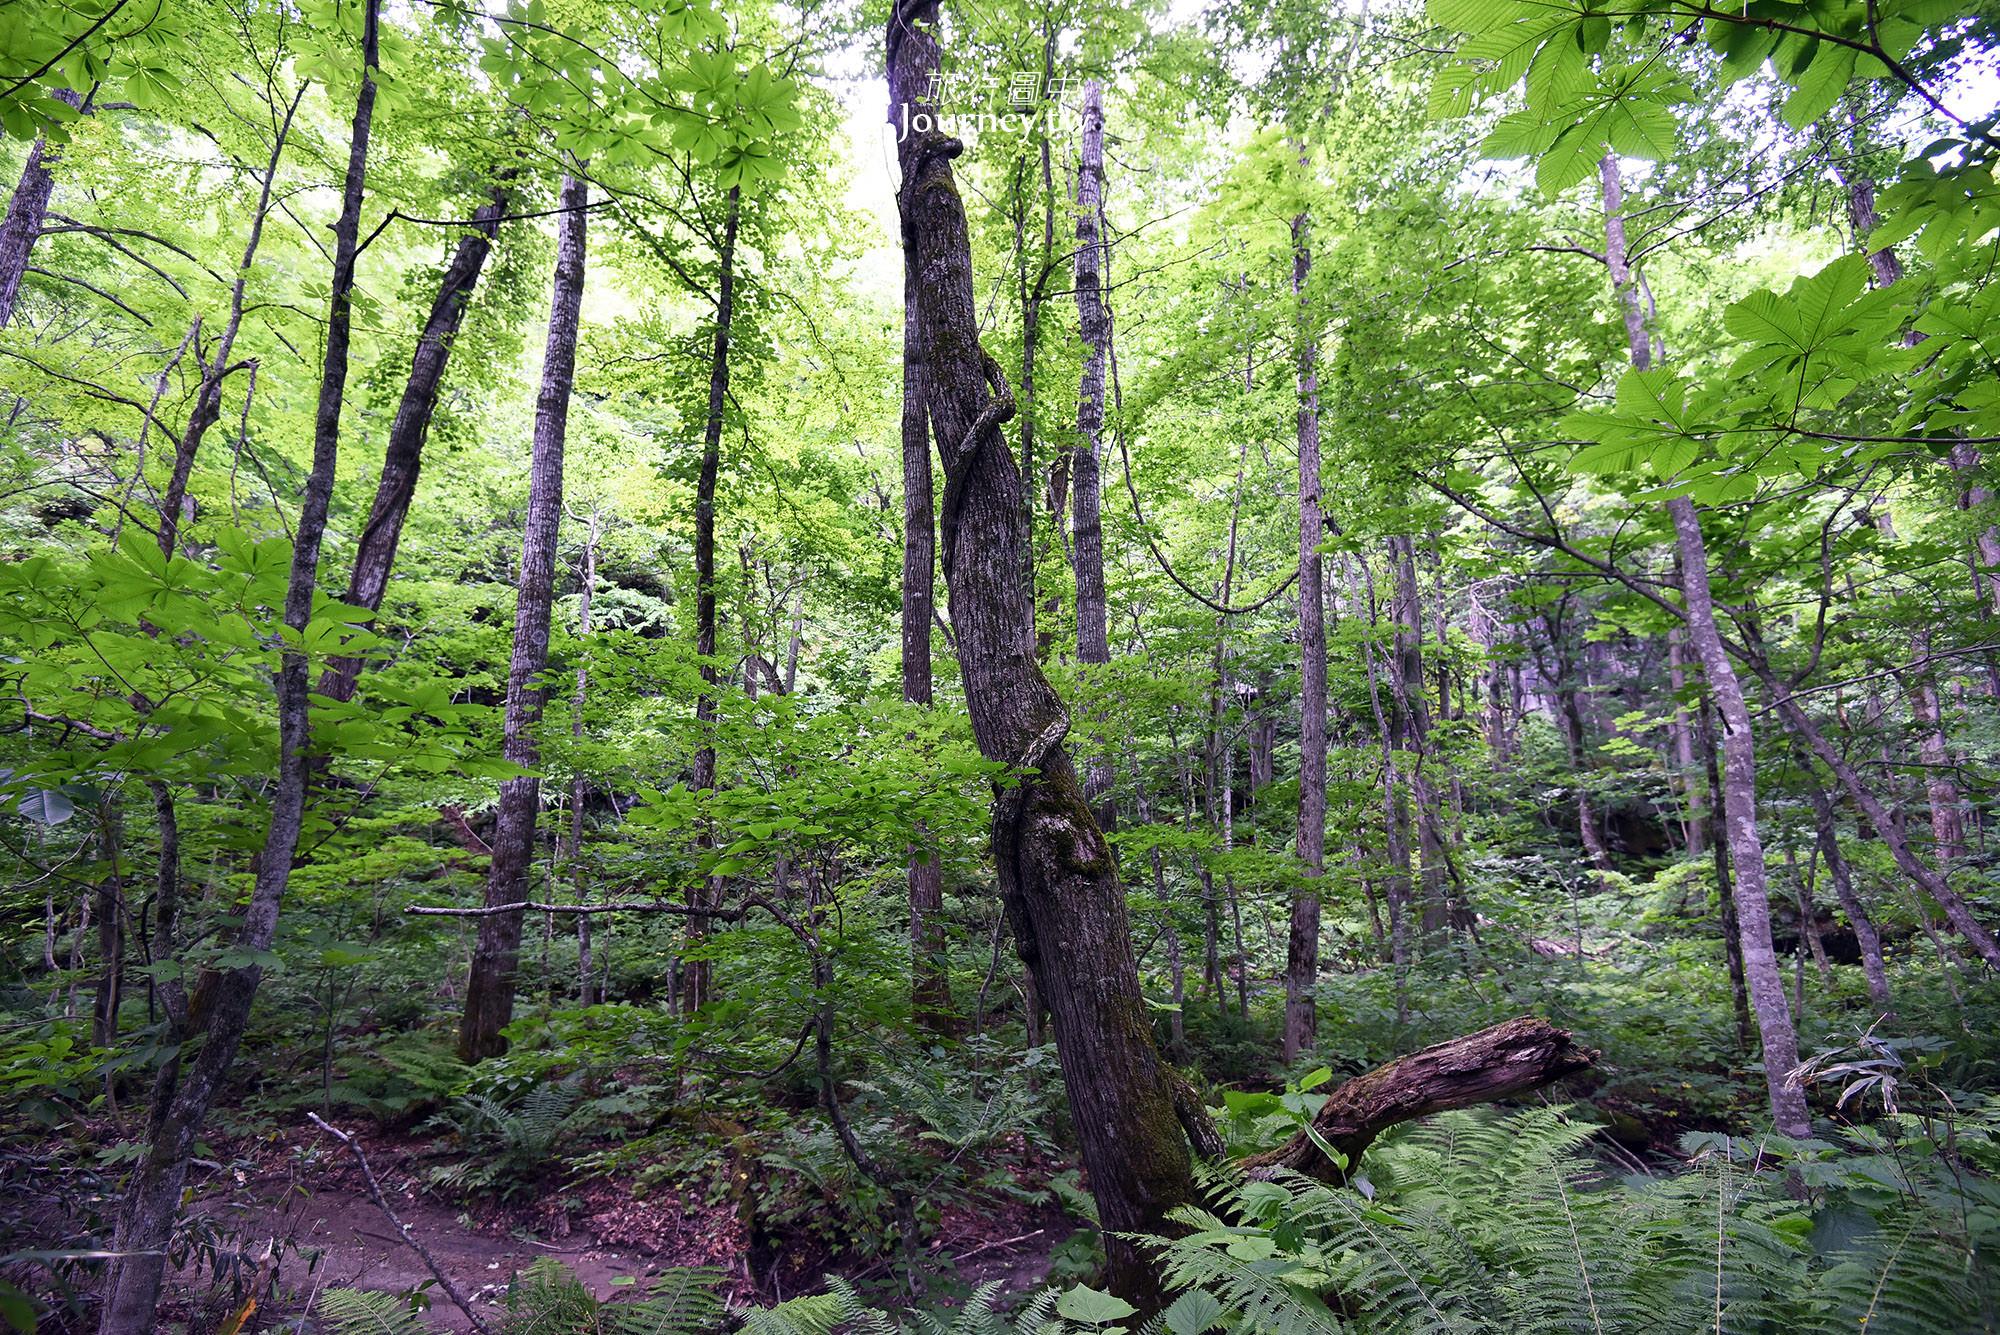 日本,青森,景點,十和田,奧入瀨溪流,散策,瀑布,苔蘚,森林